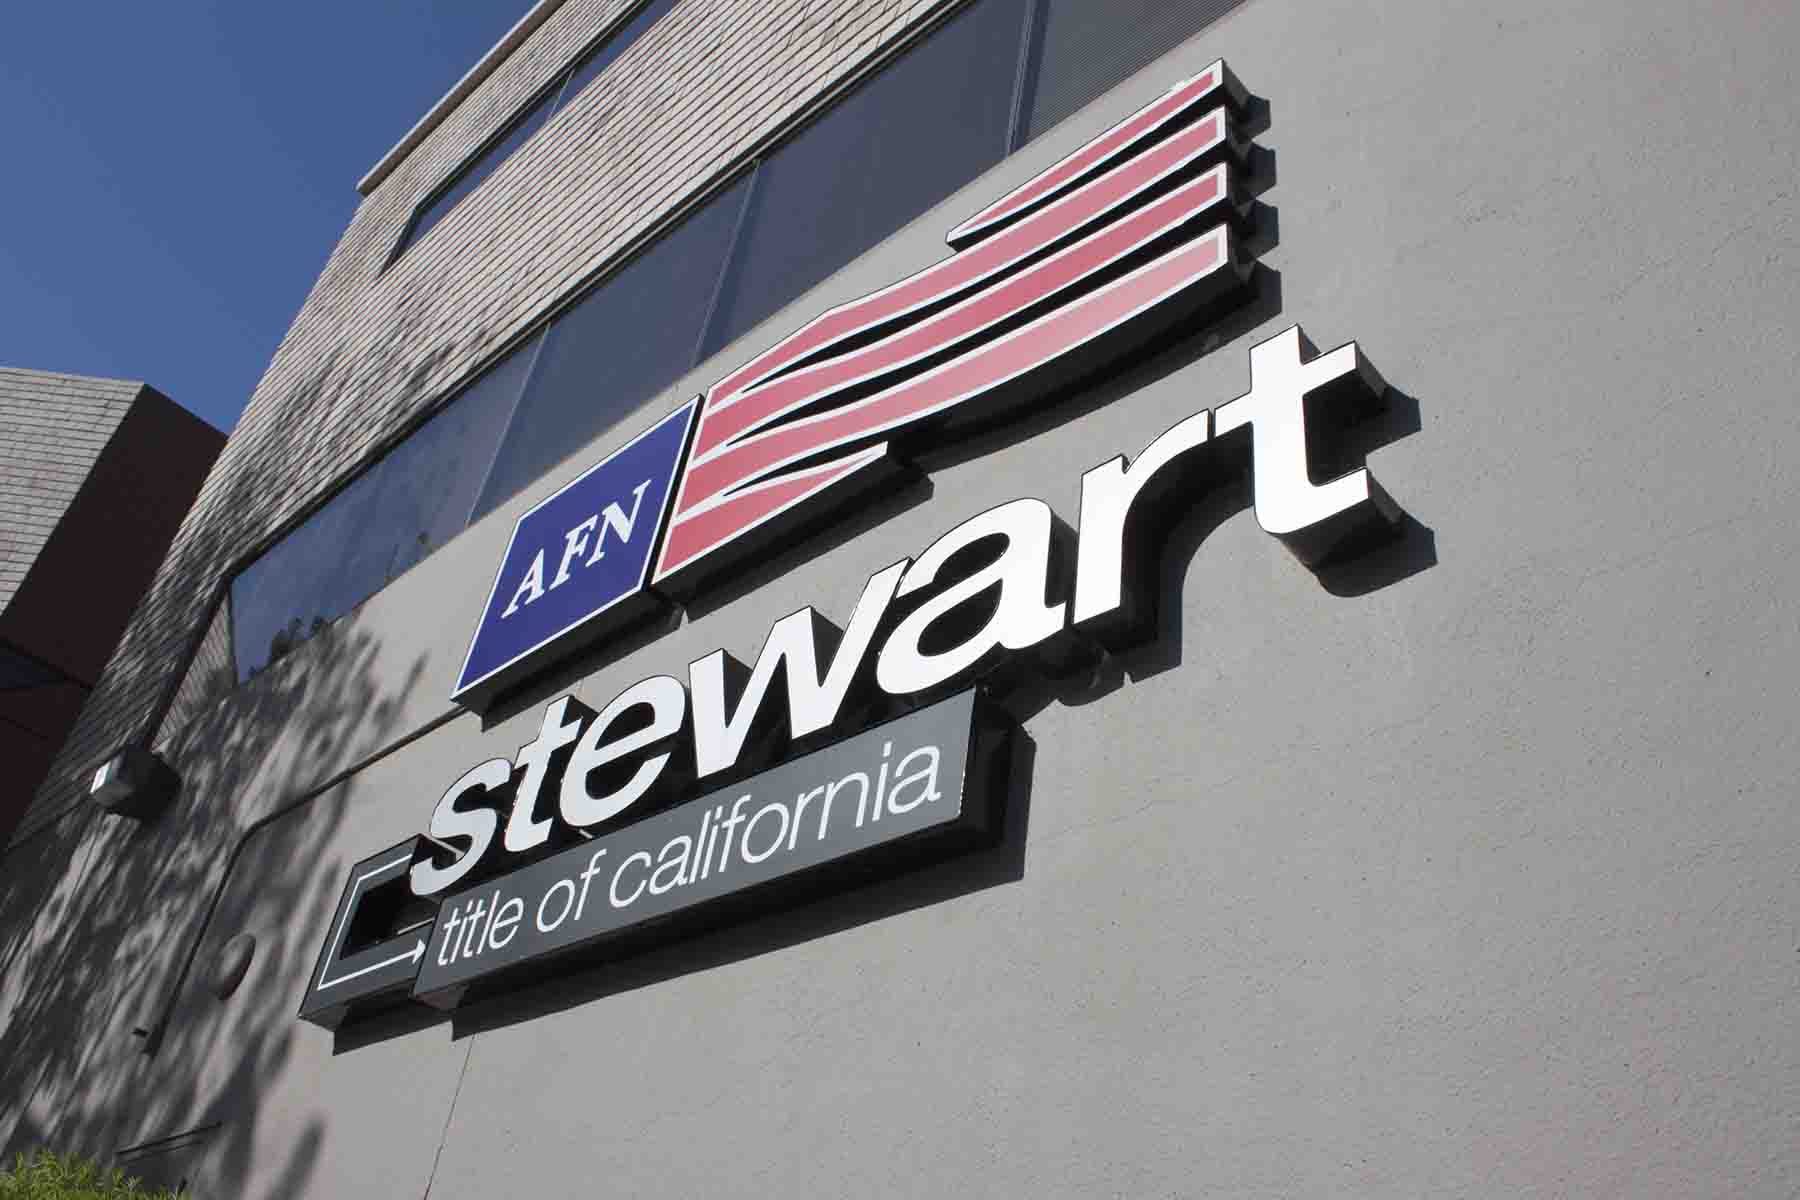 AFN + Stewart Title